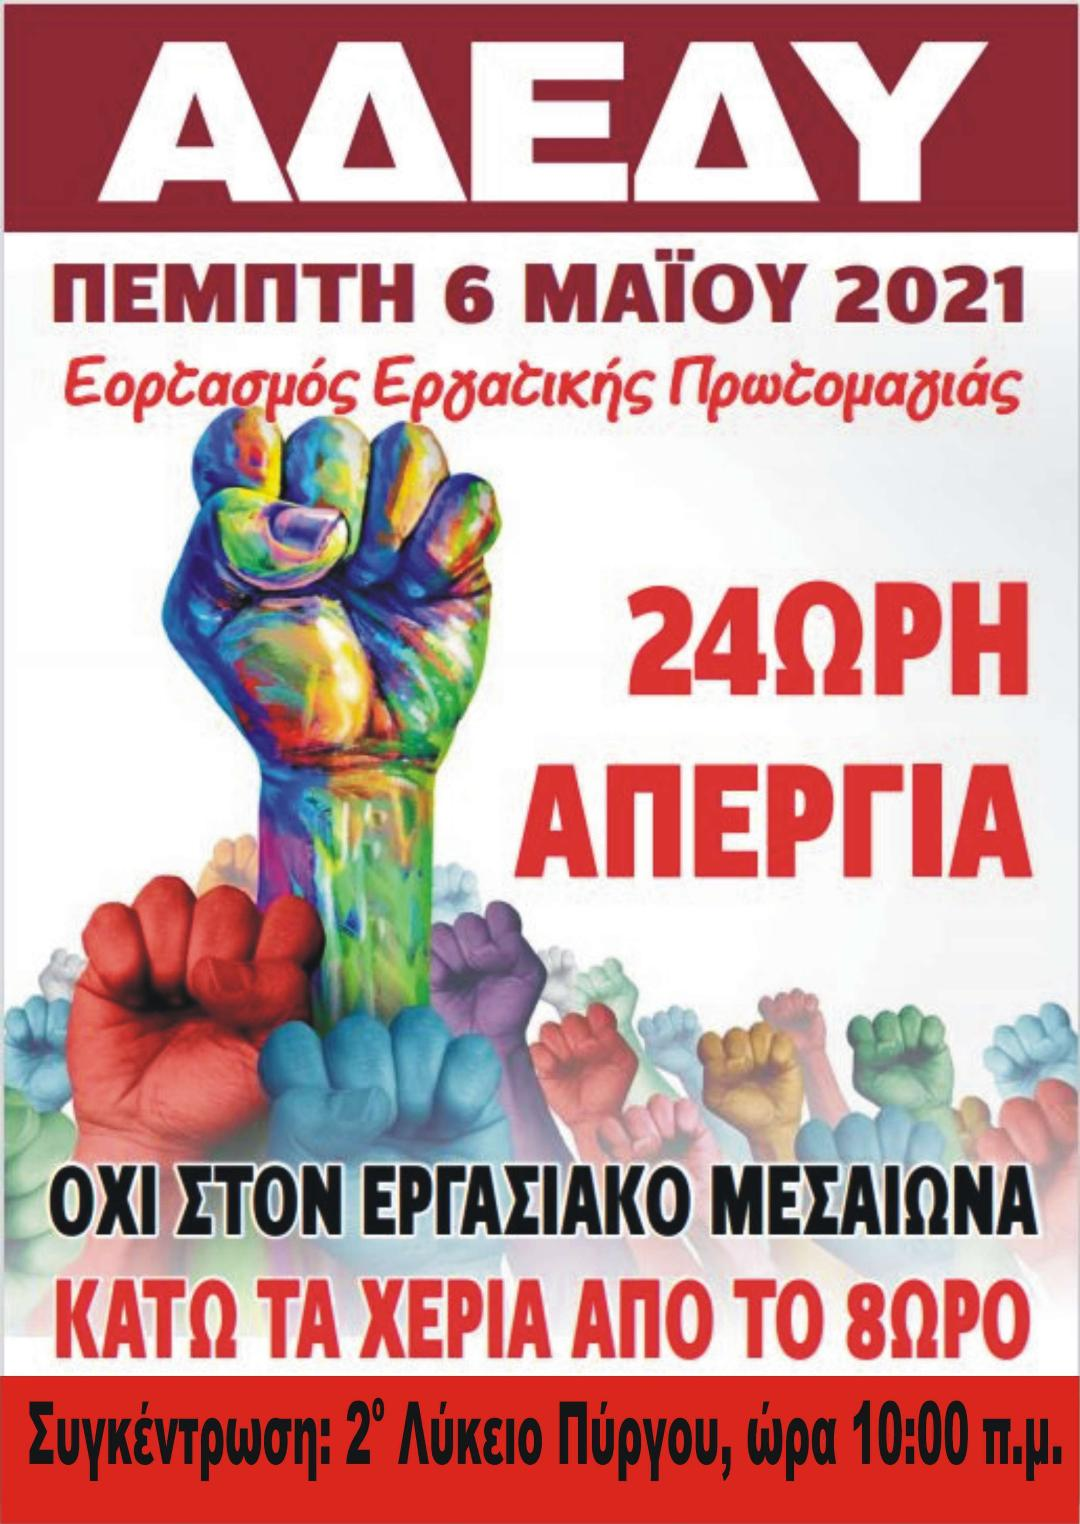 ΑΔΕΔΥ: Κάλεσμα συμμετοχής στην 24ωρη απεργία στις 6 Μαίου- Συγκέντρωση στις 10: 00 στο 2ο Λύκειο Πύργου